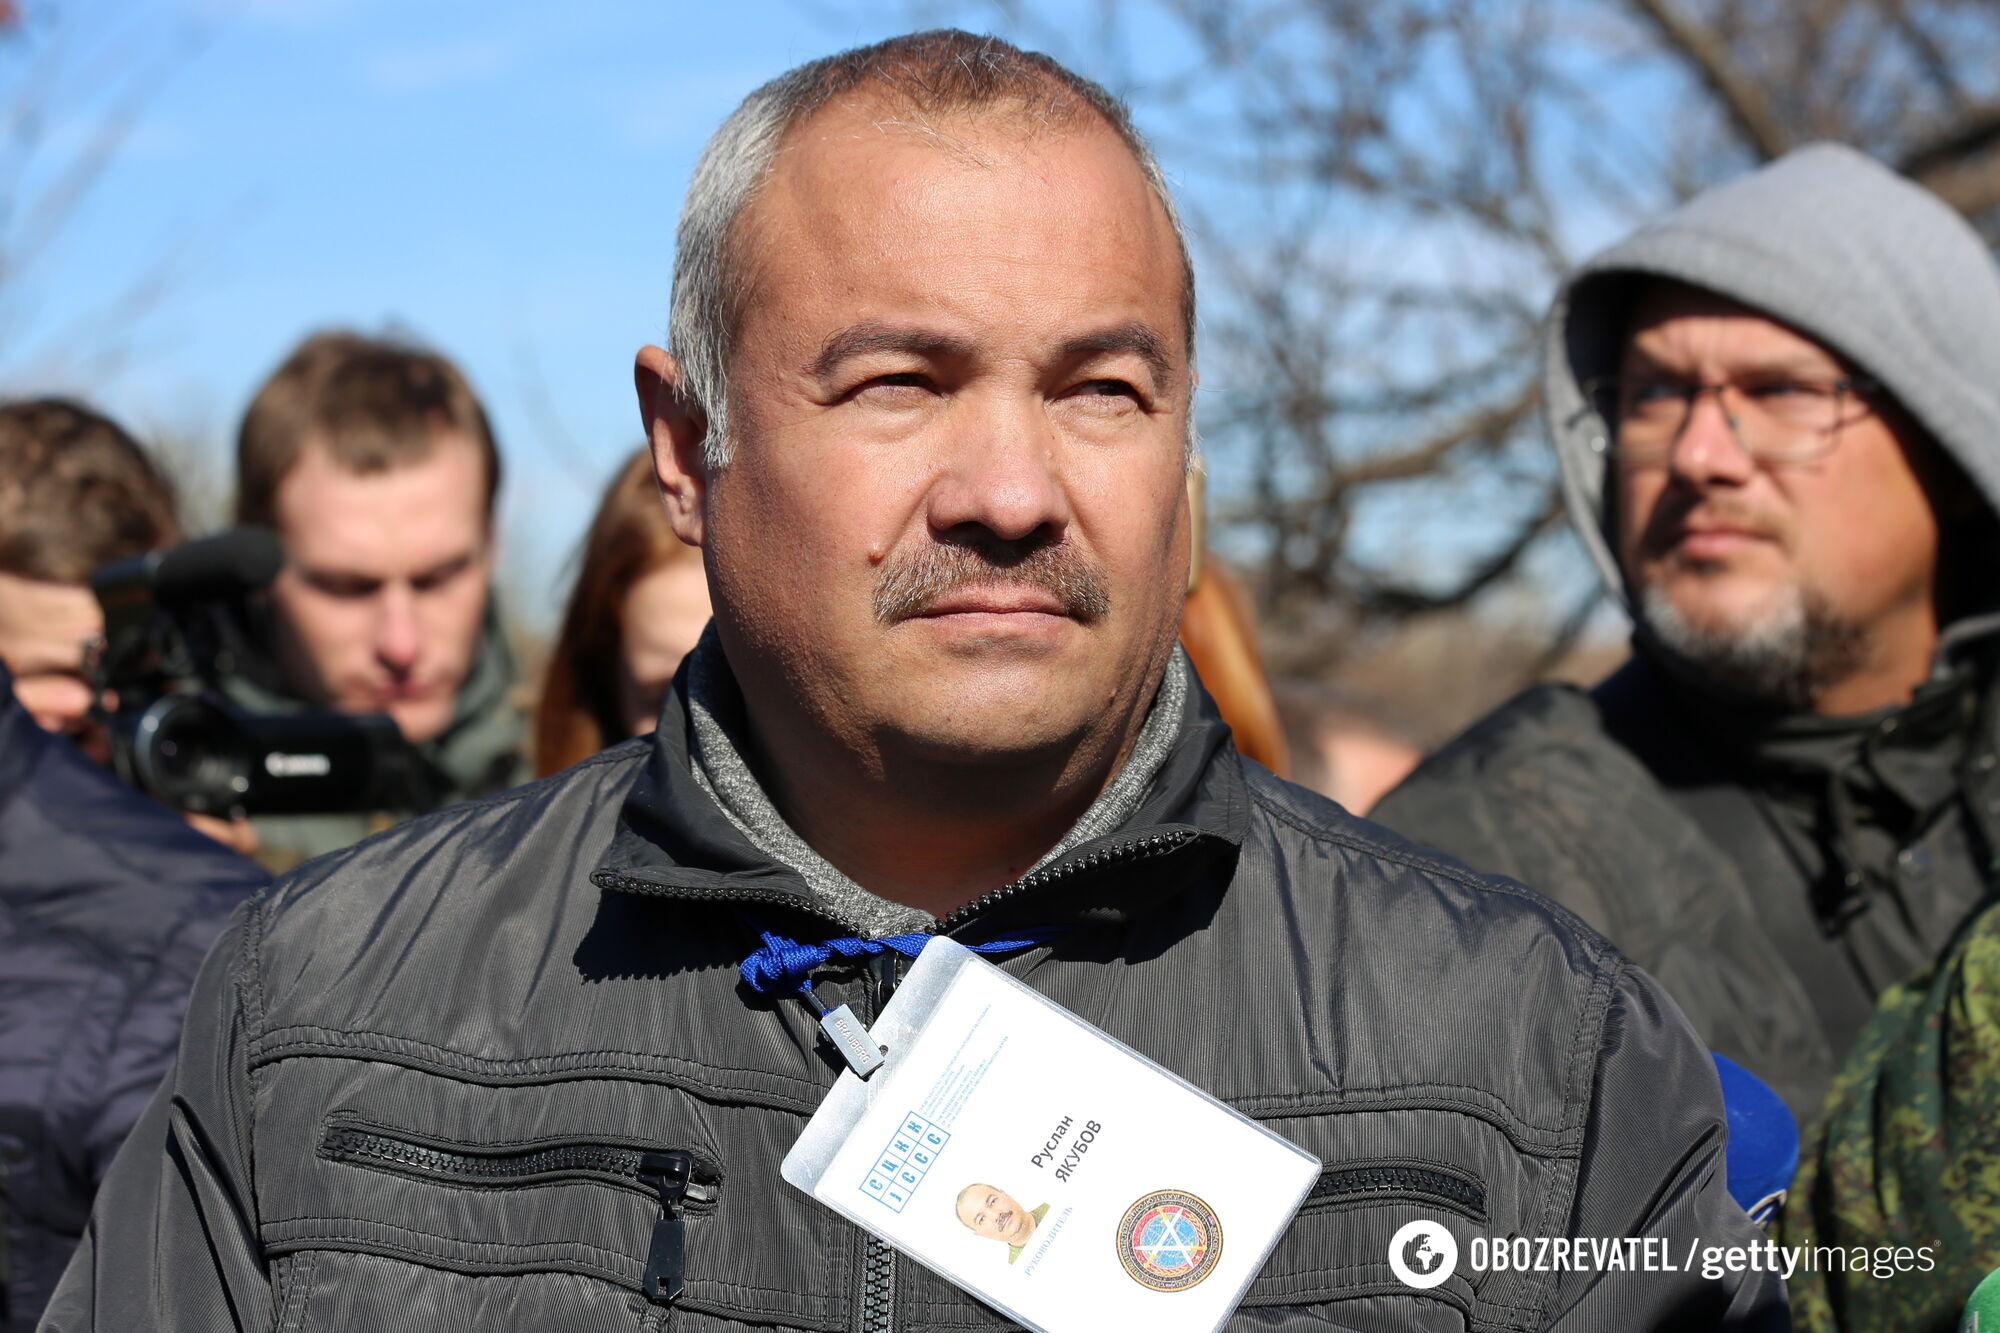 Рустам Вахитов превратился в Руслана Якубова уже перед поездкой на Донбасс